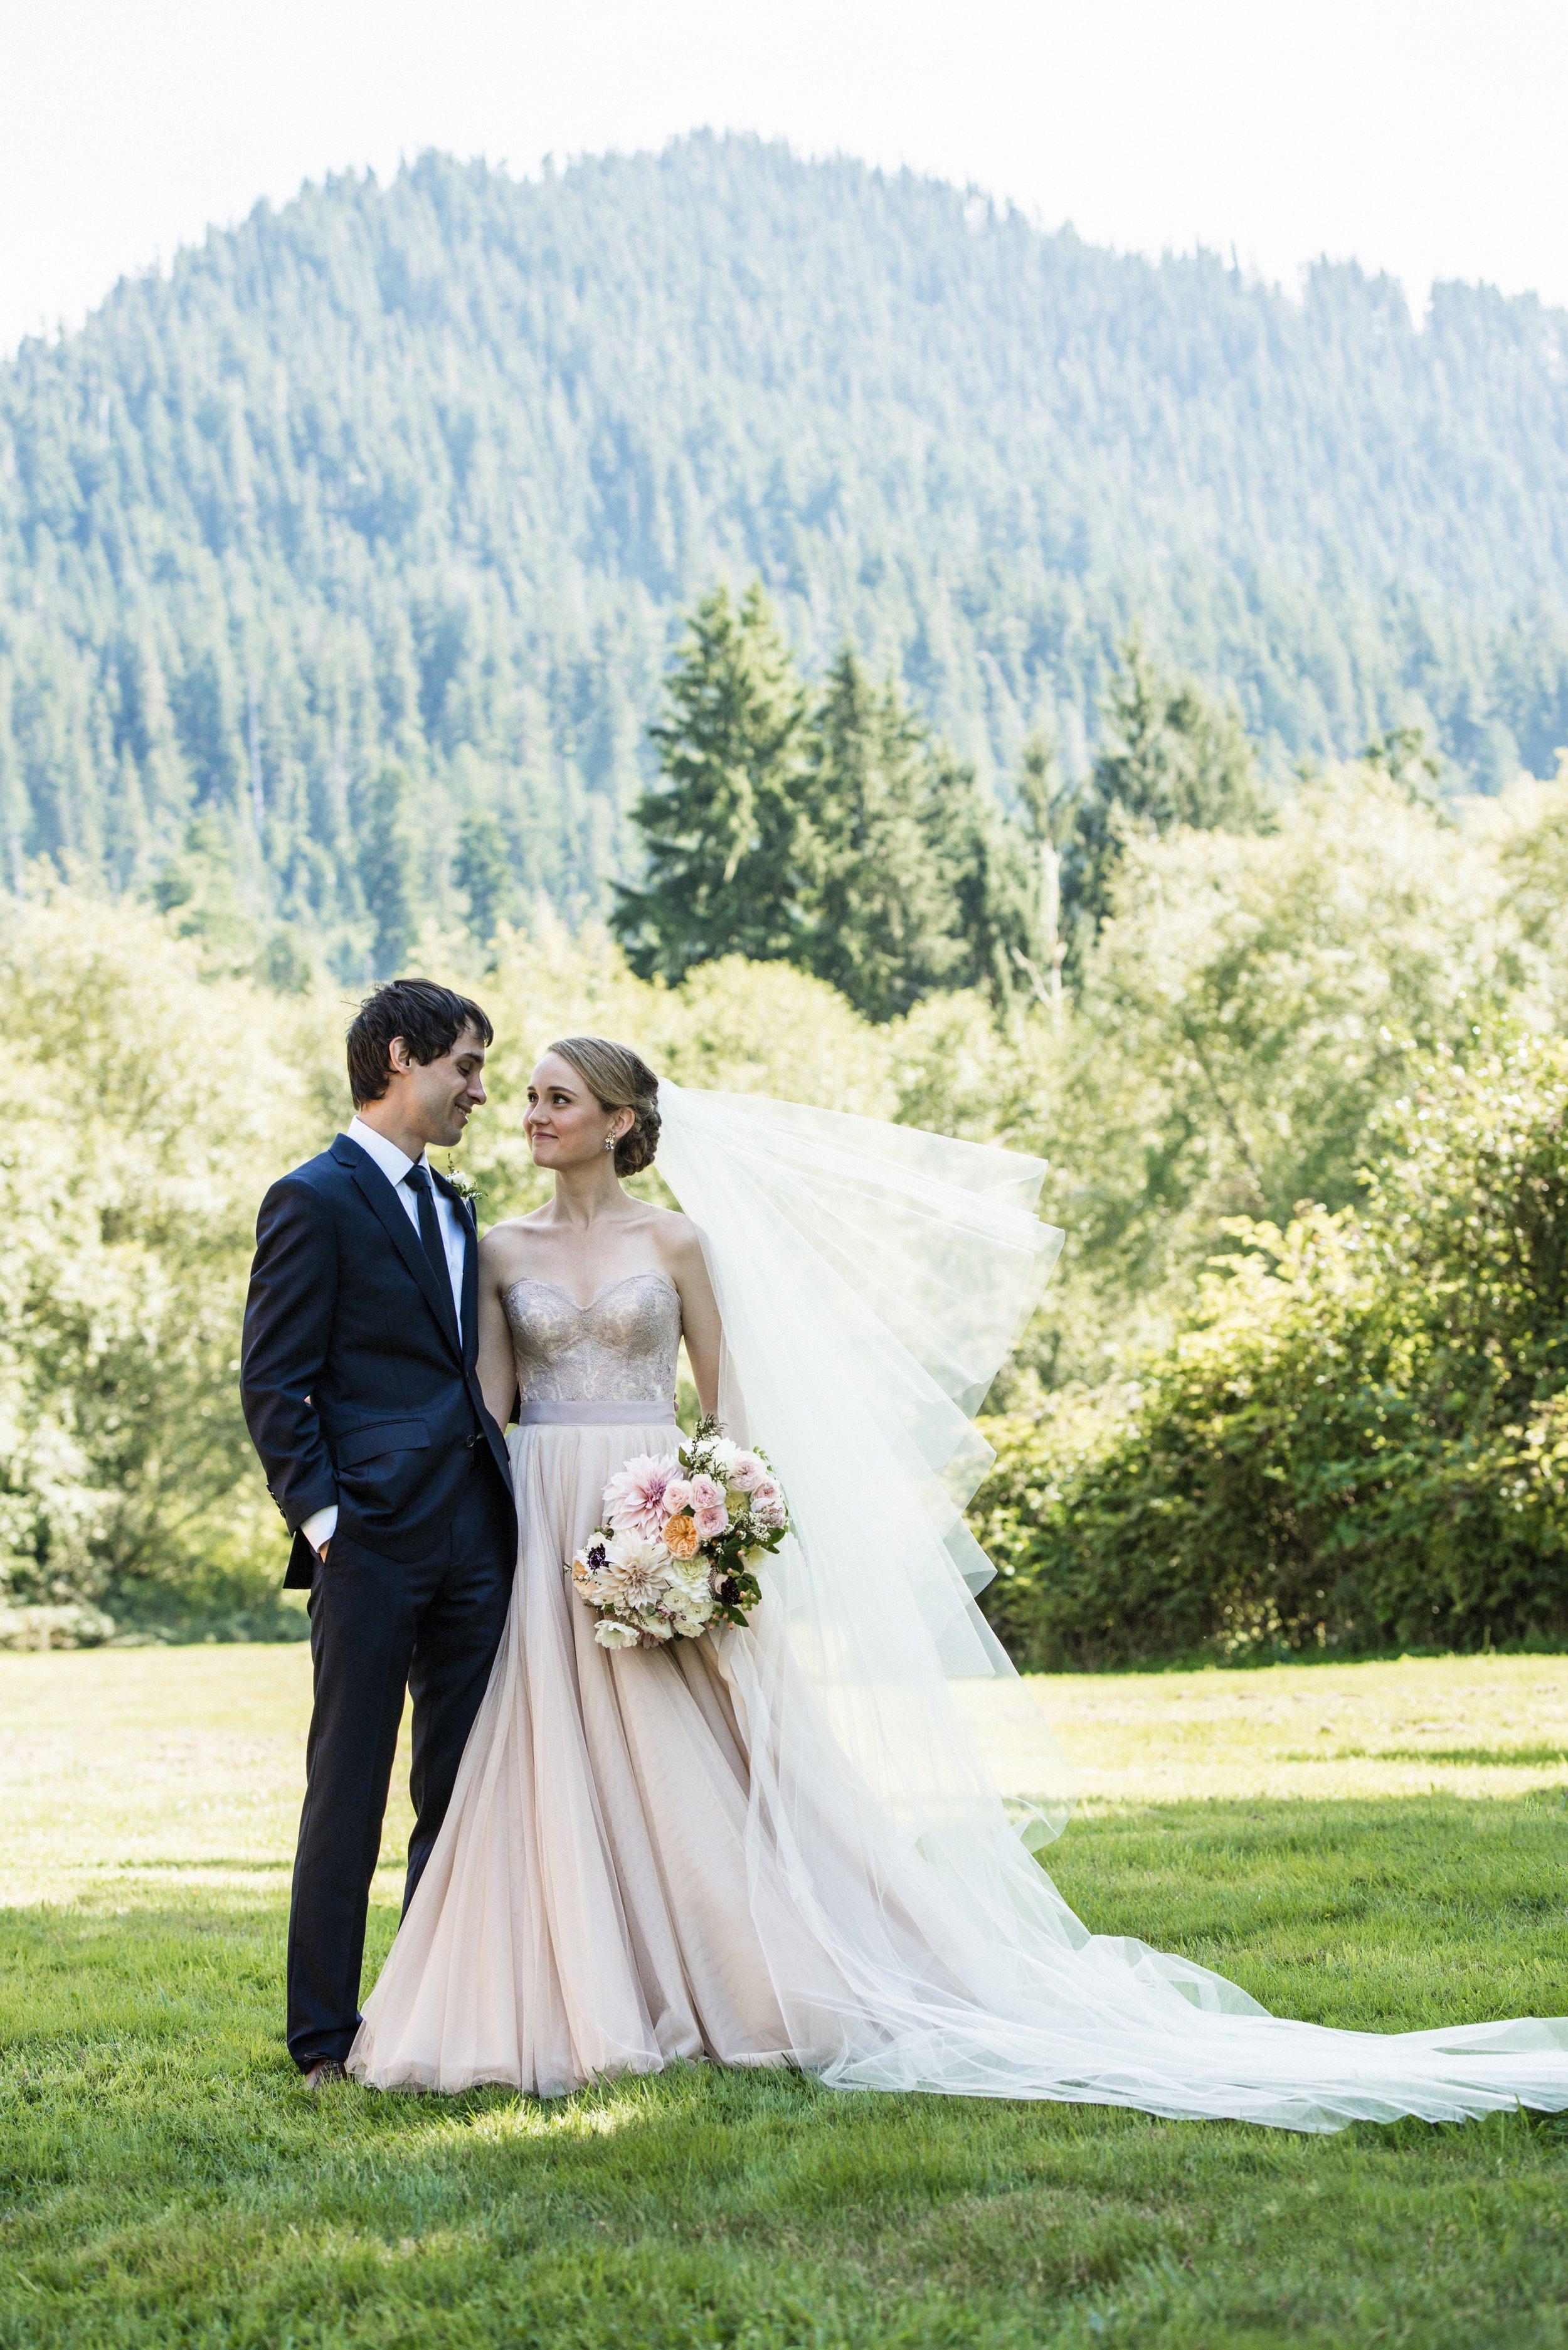 Soft Blue + Blush Forest Wedding